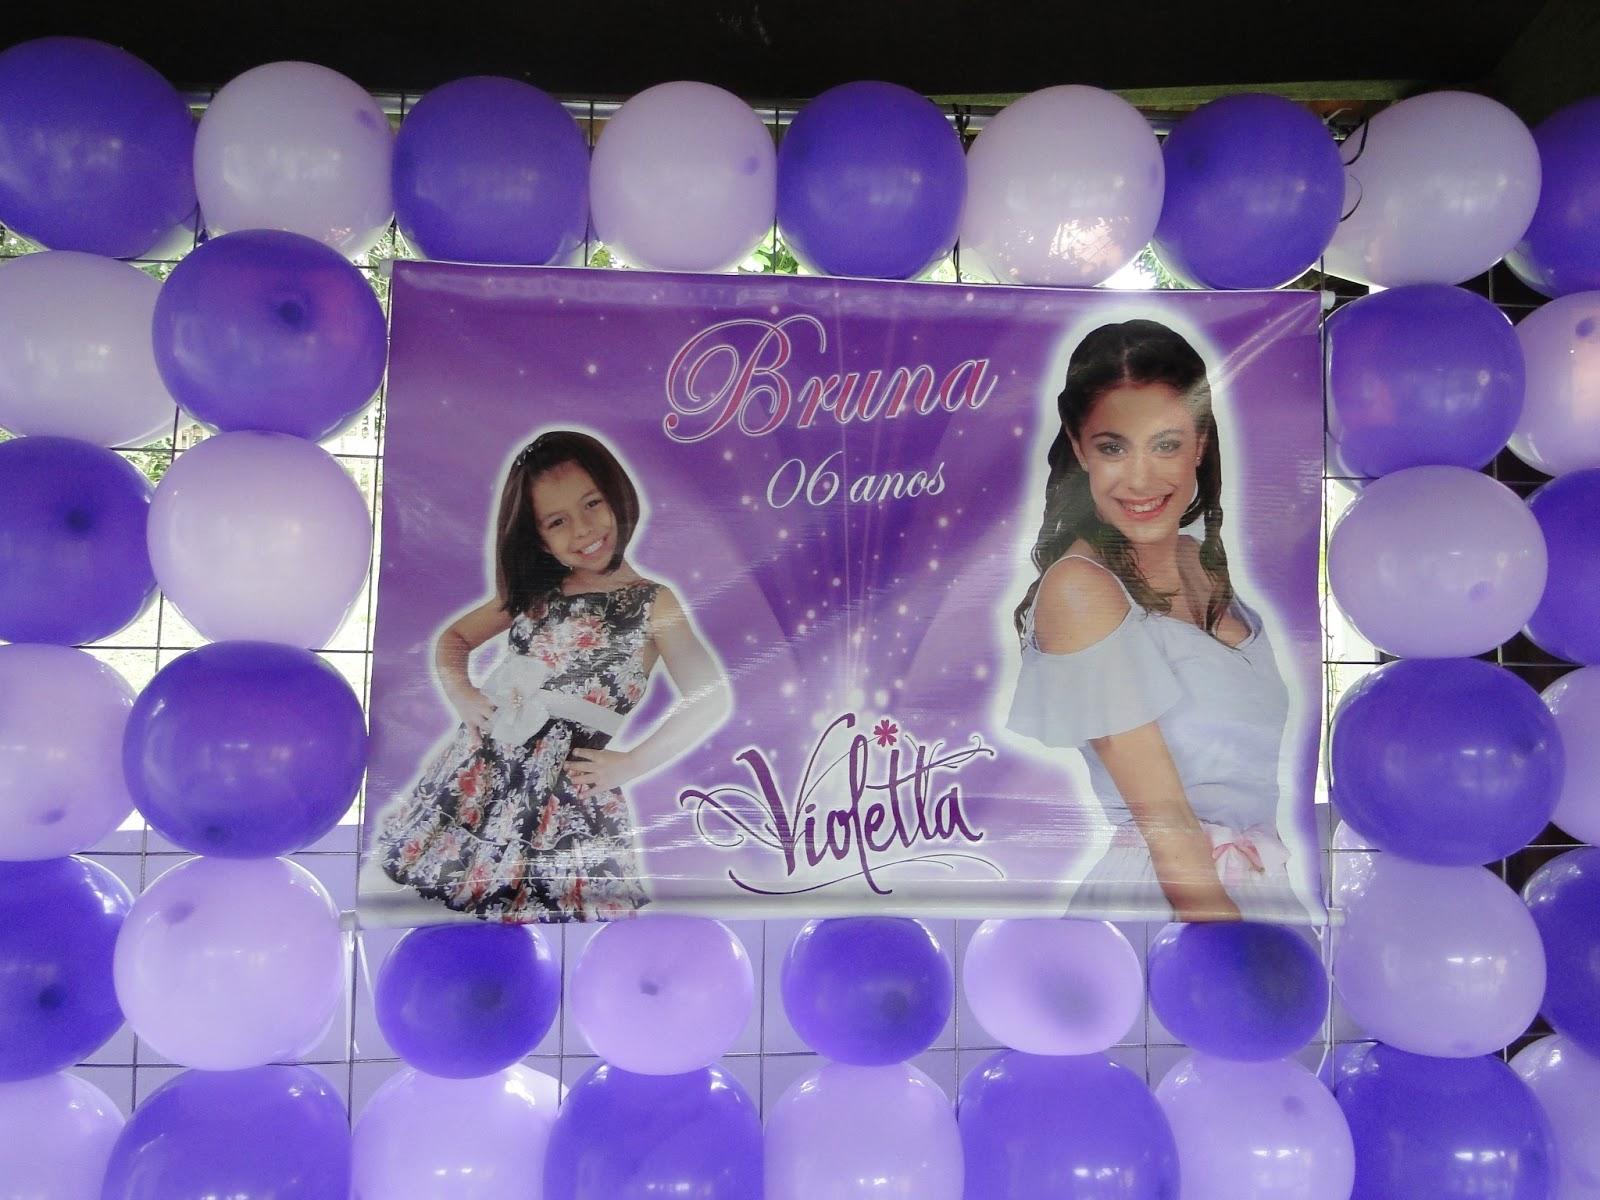 decoracao festa violeta:Dulare, artes tia Ritinha: Decoração Festa Violeta